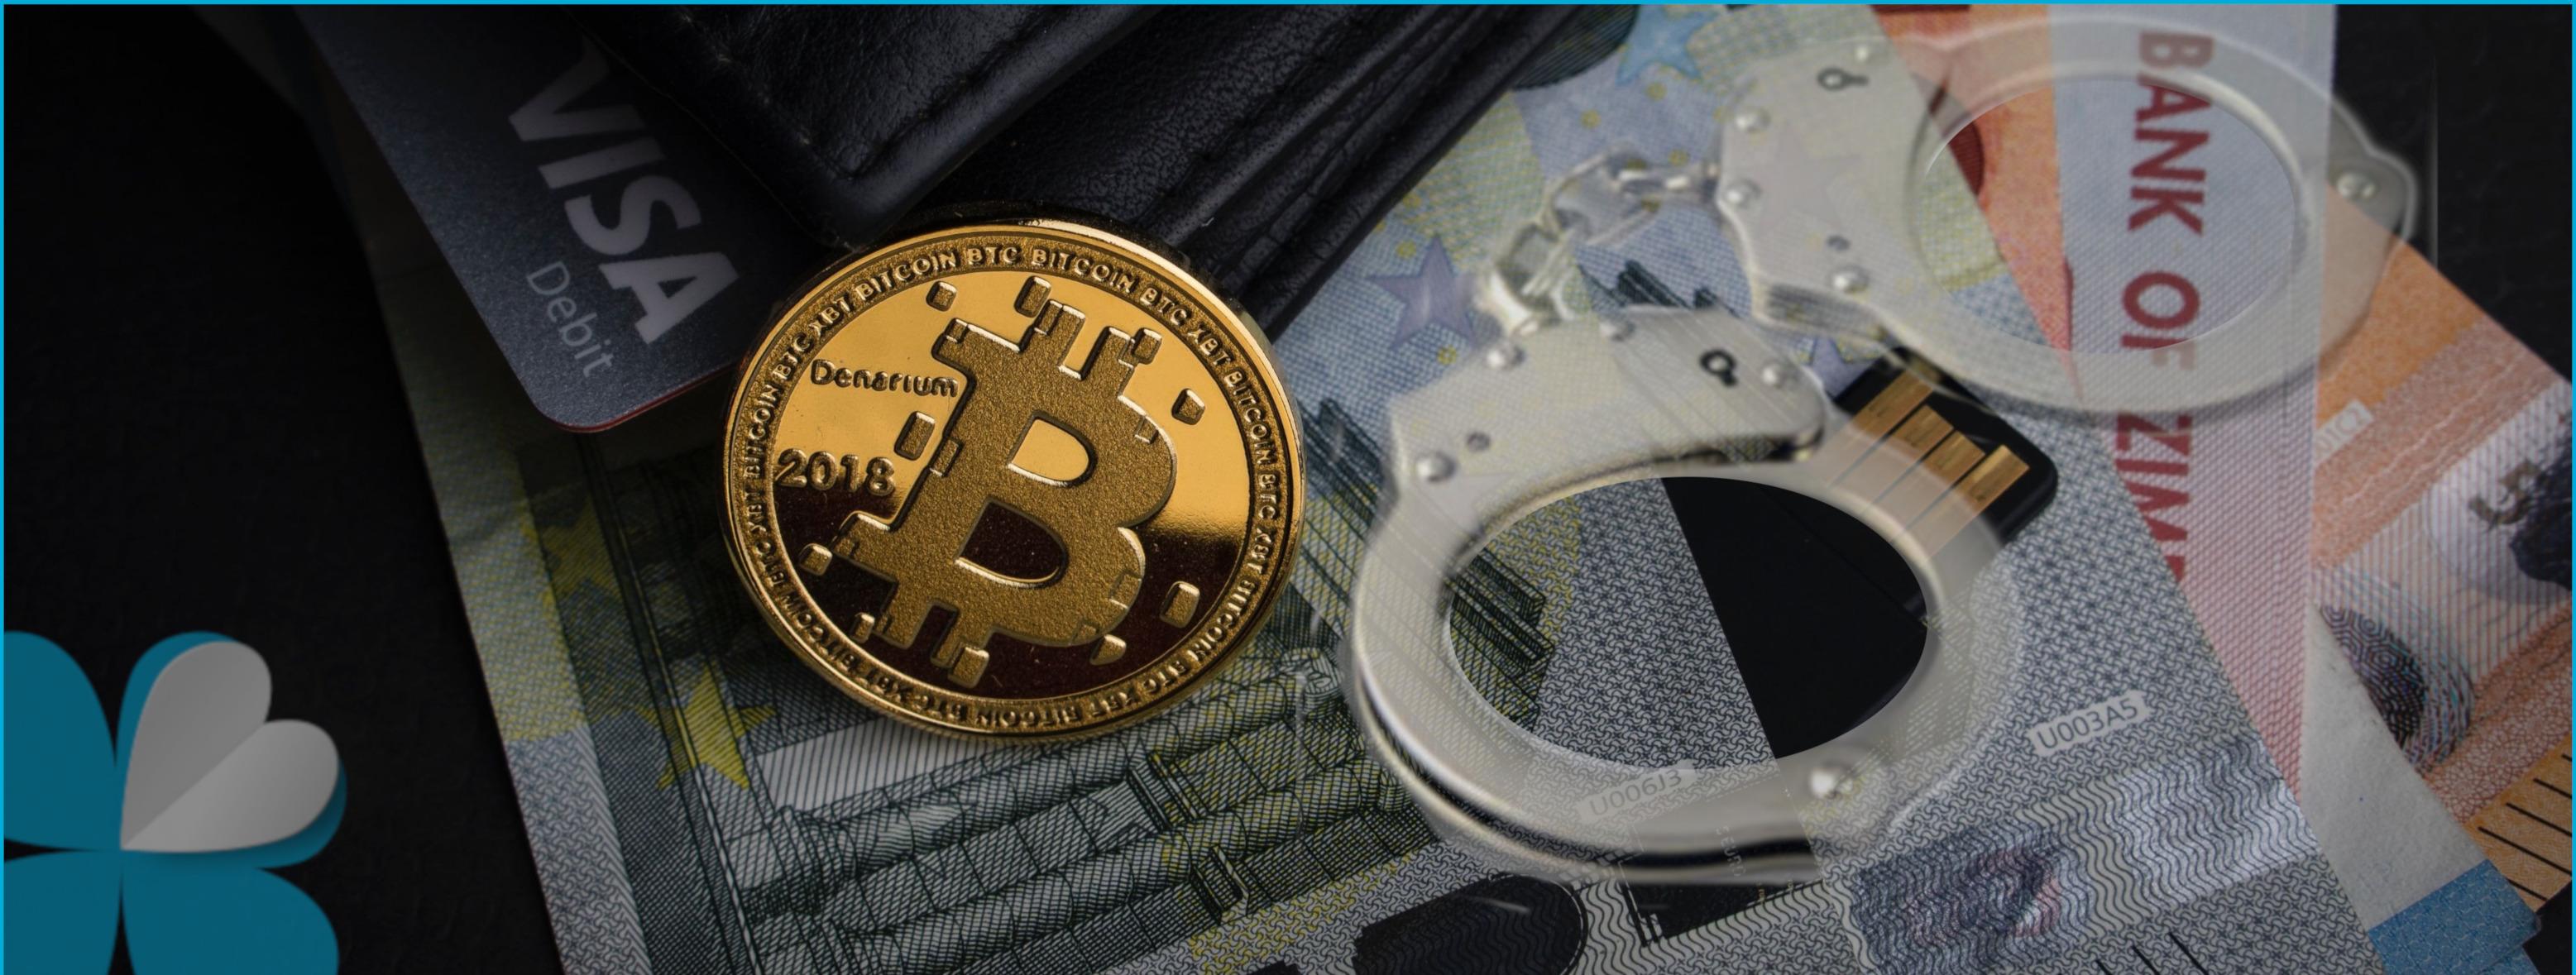 Primera condena por estafa con bitcoins